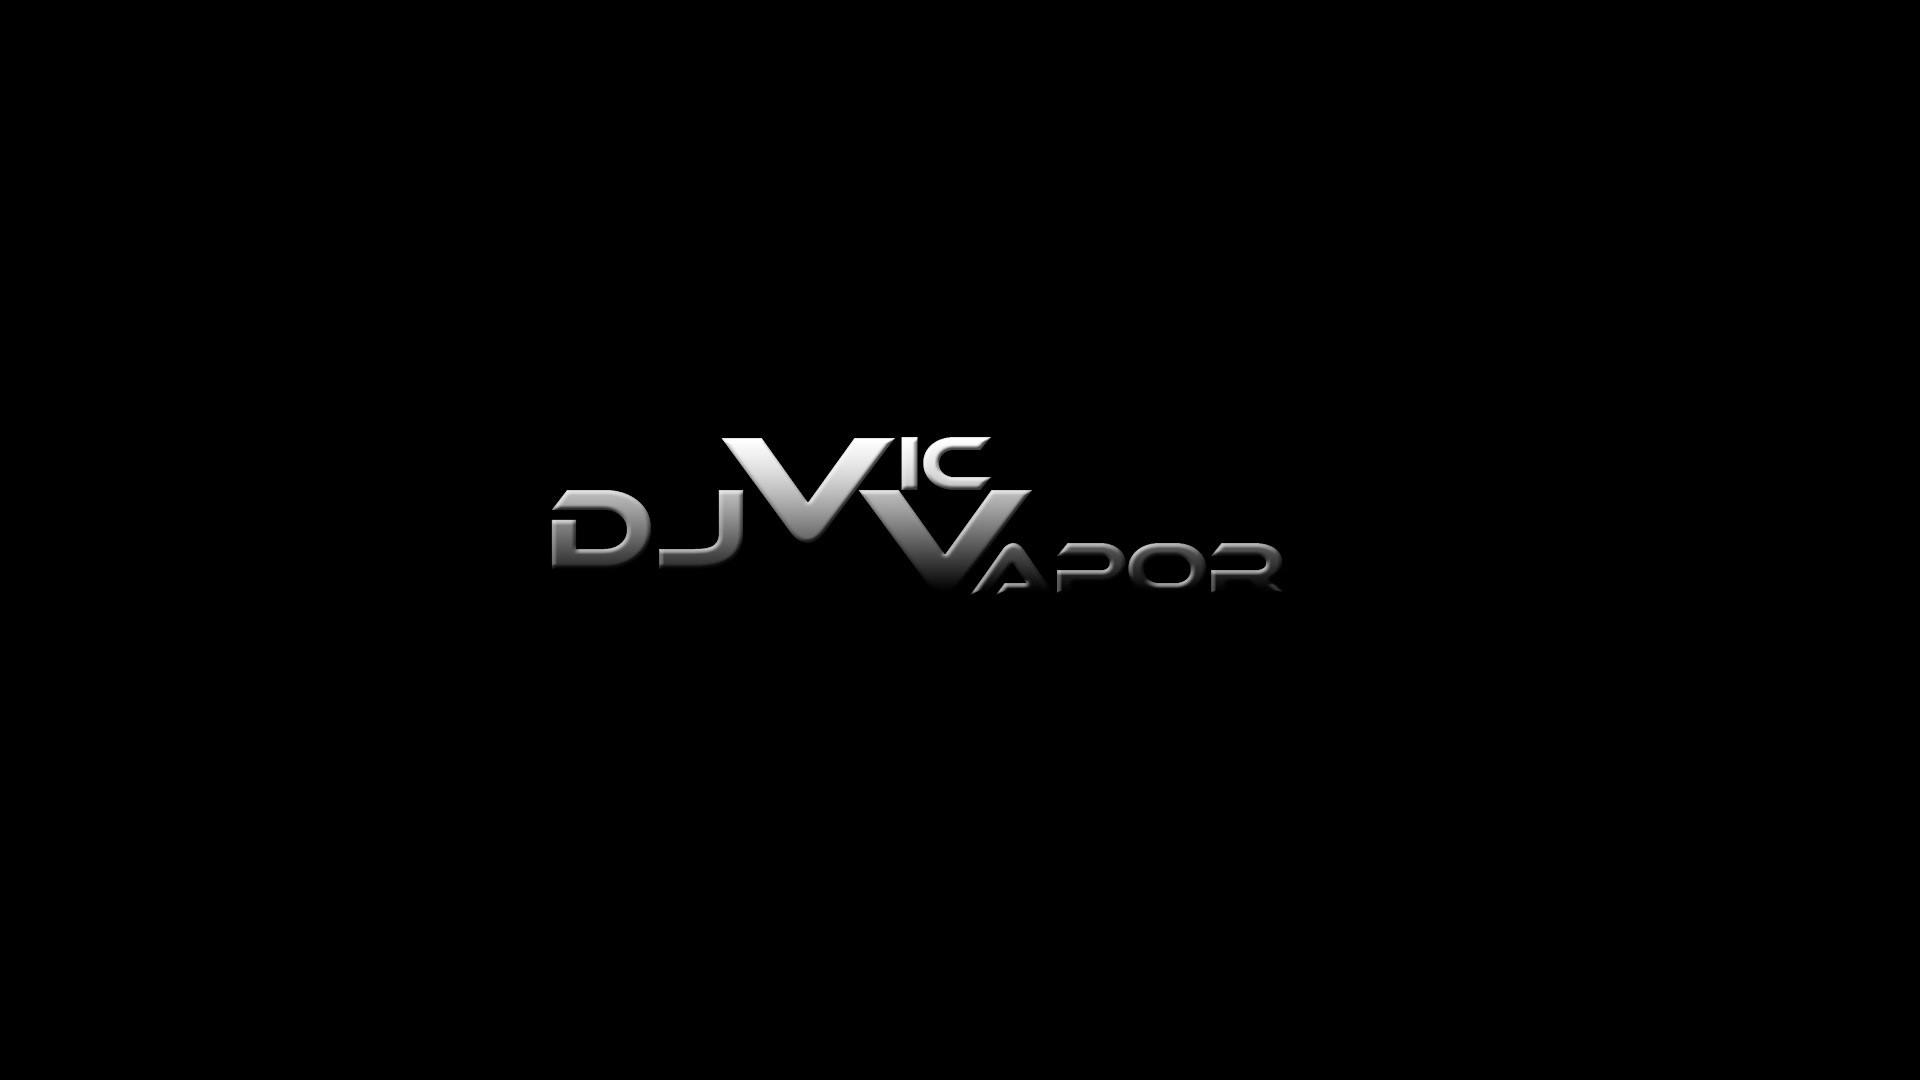 Reverb Fade Sound Design Techniques – Ableton Live 9 – feat. (djvicvapor)